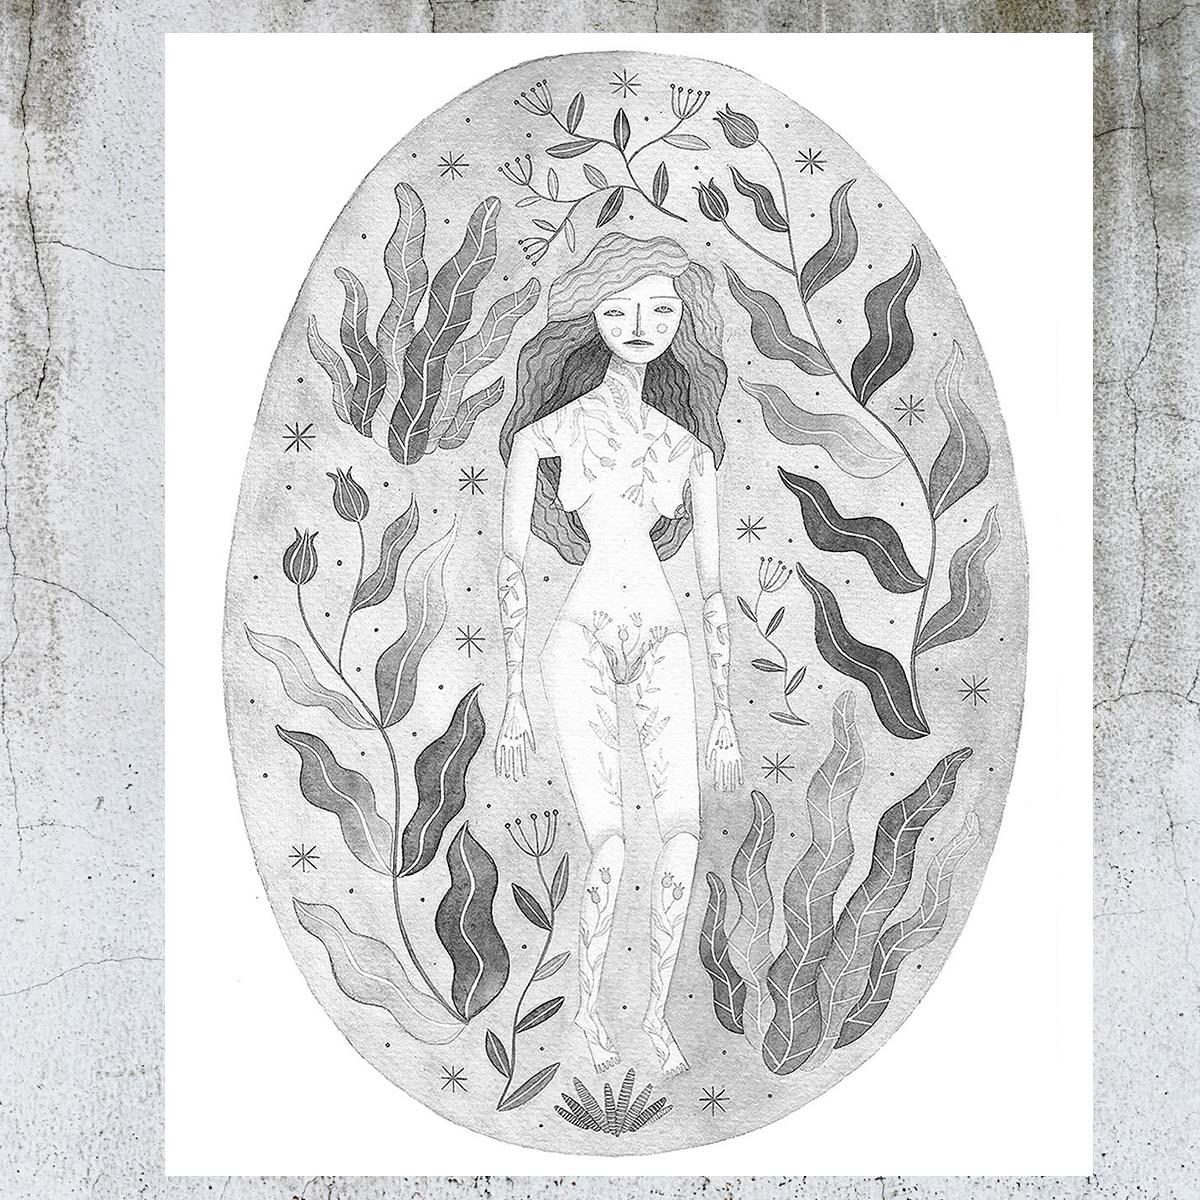 Fiorirai illustrazione by Isoì